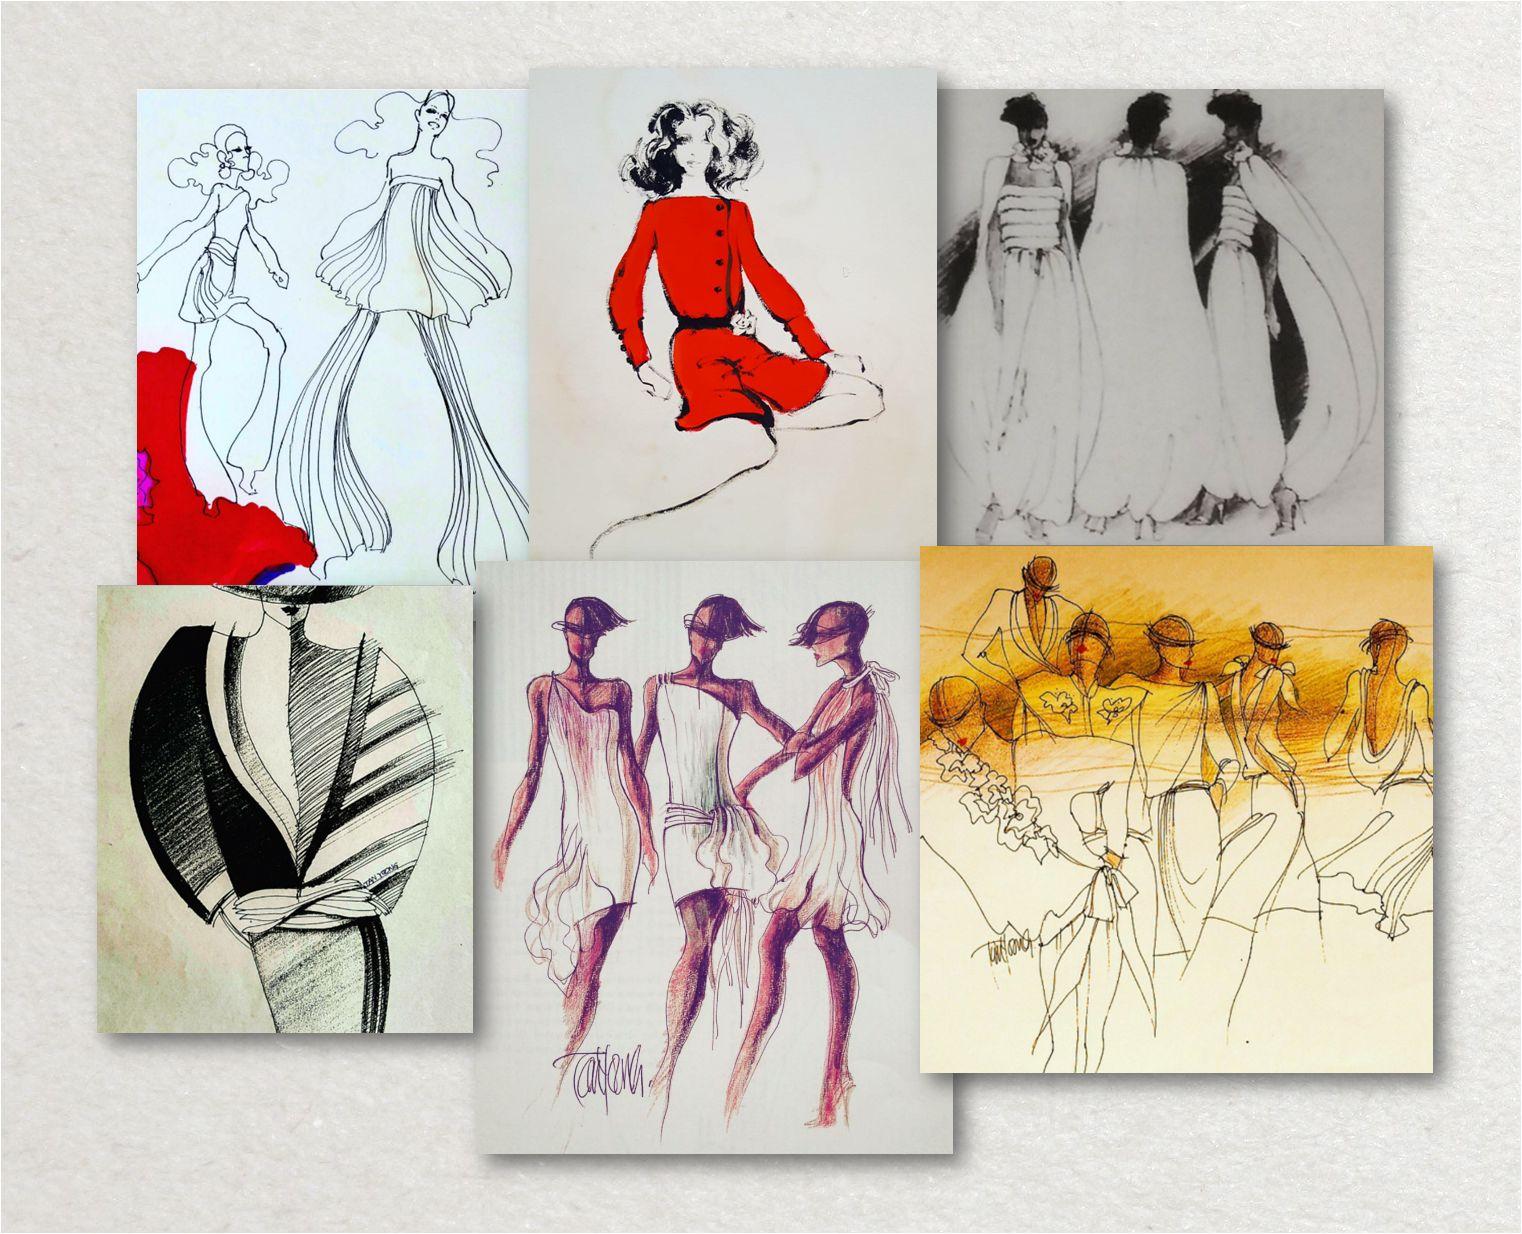 tan-yoong-illustrations